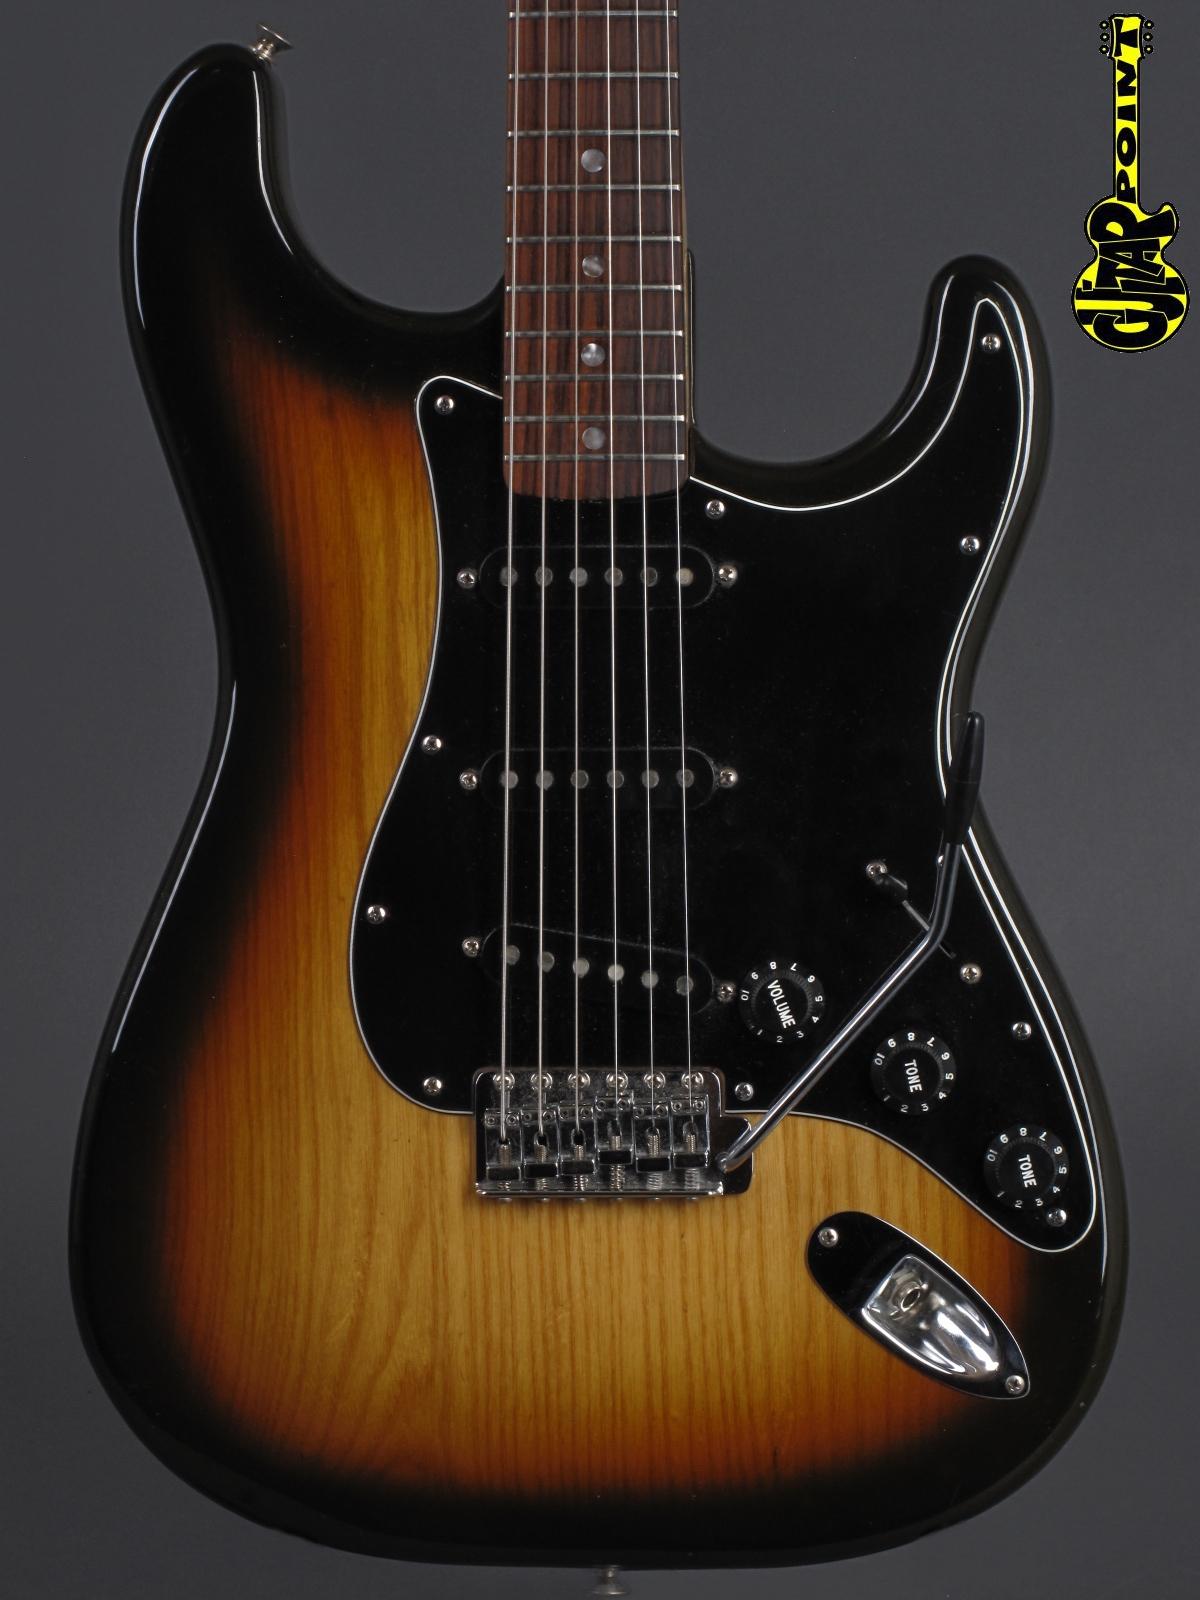 1979 Fender Stratocaster - Sunburst